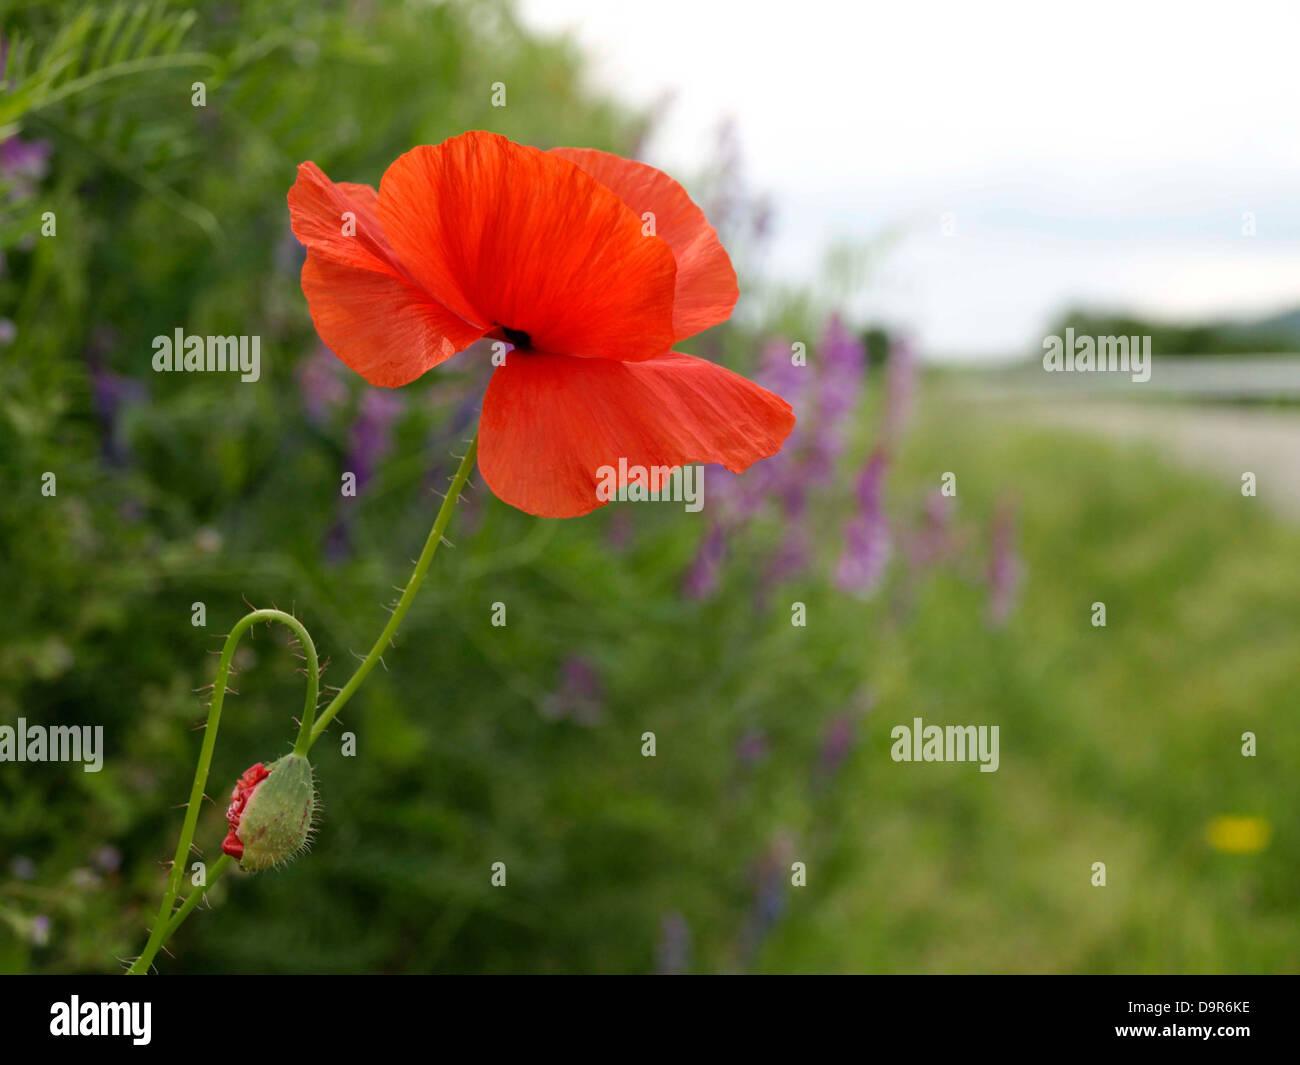 Poppy flowers mightylinksfo poppy flowers pictures choice home symbolism of poppy flower choice image flower mightylinksfo